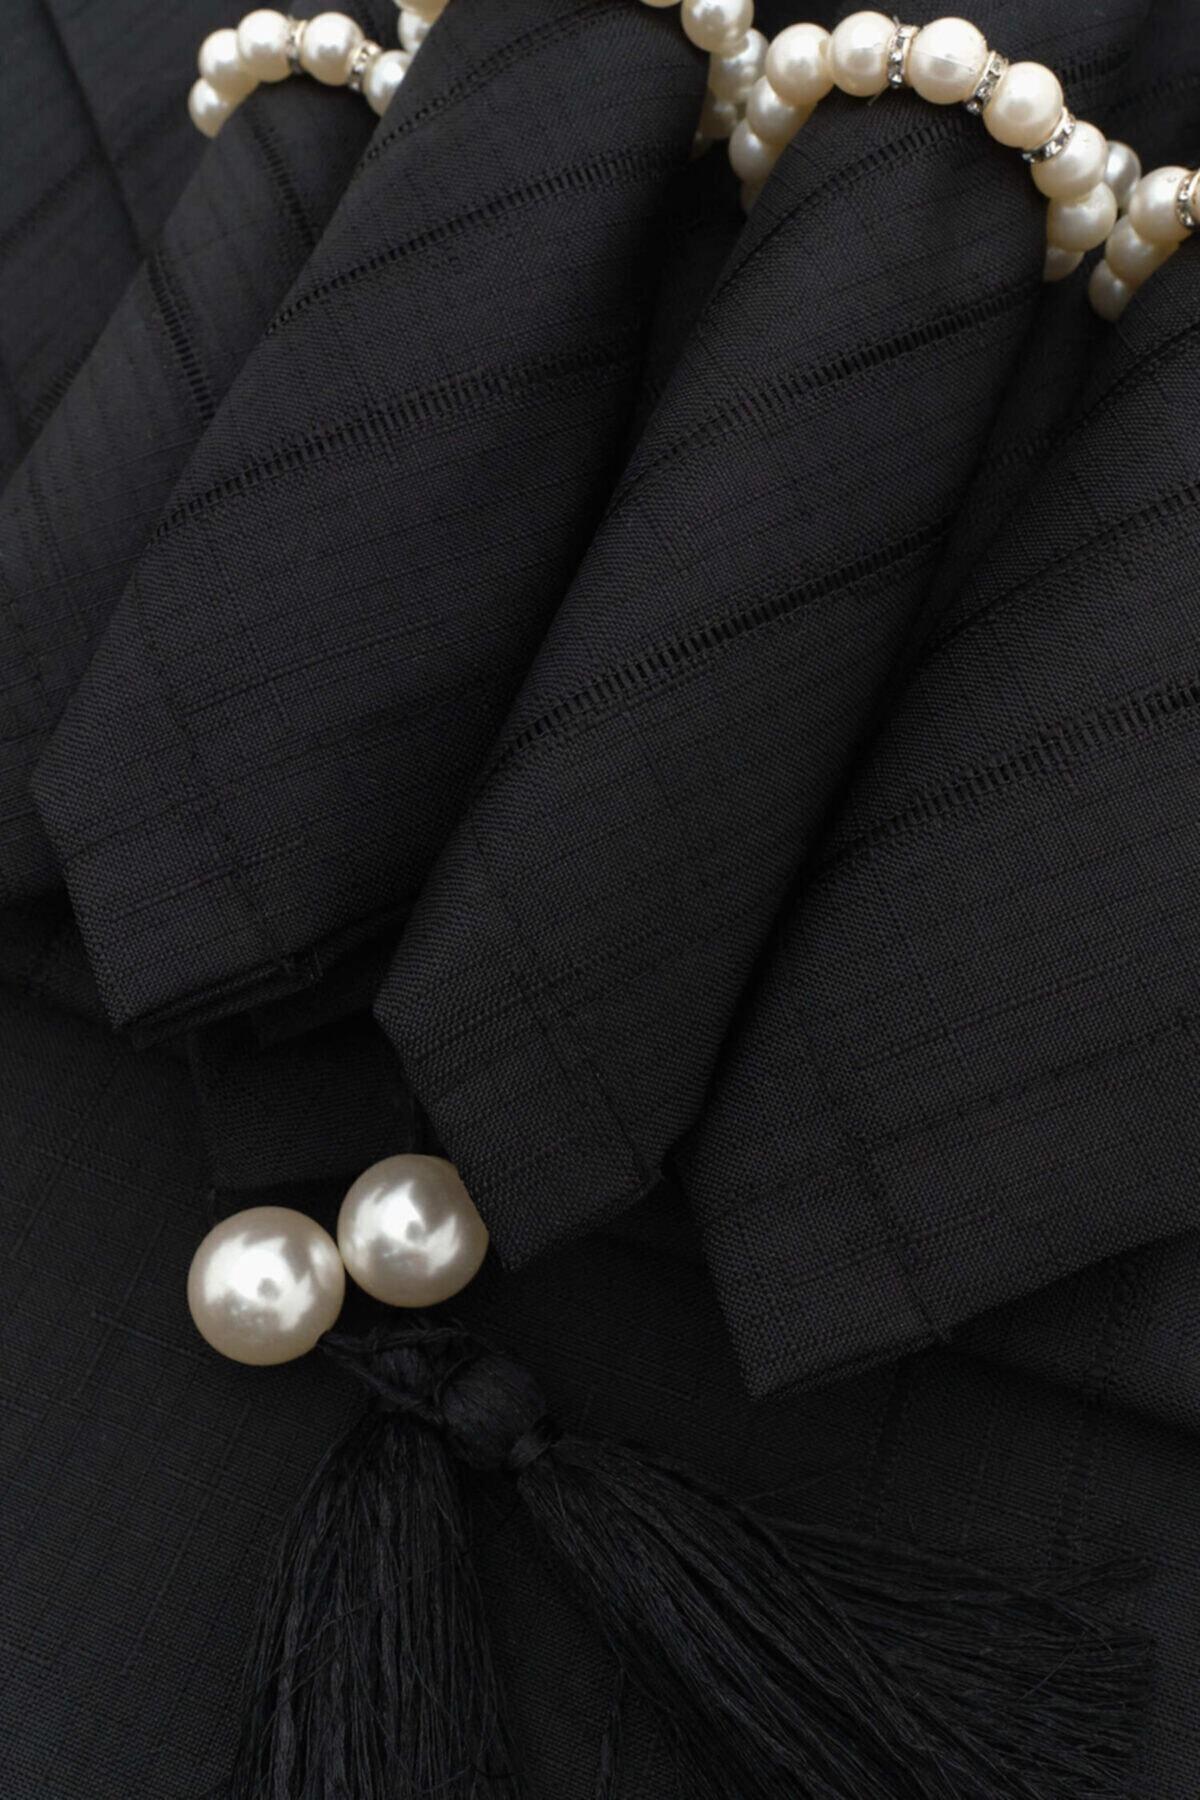 ربيع أسود 26 قطعة مجموعة عشاء-أسود